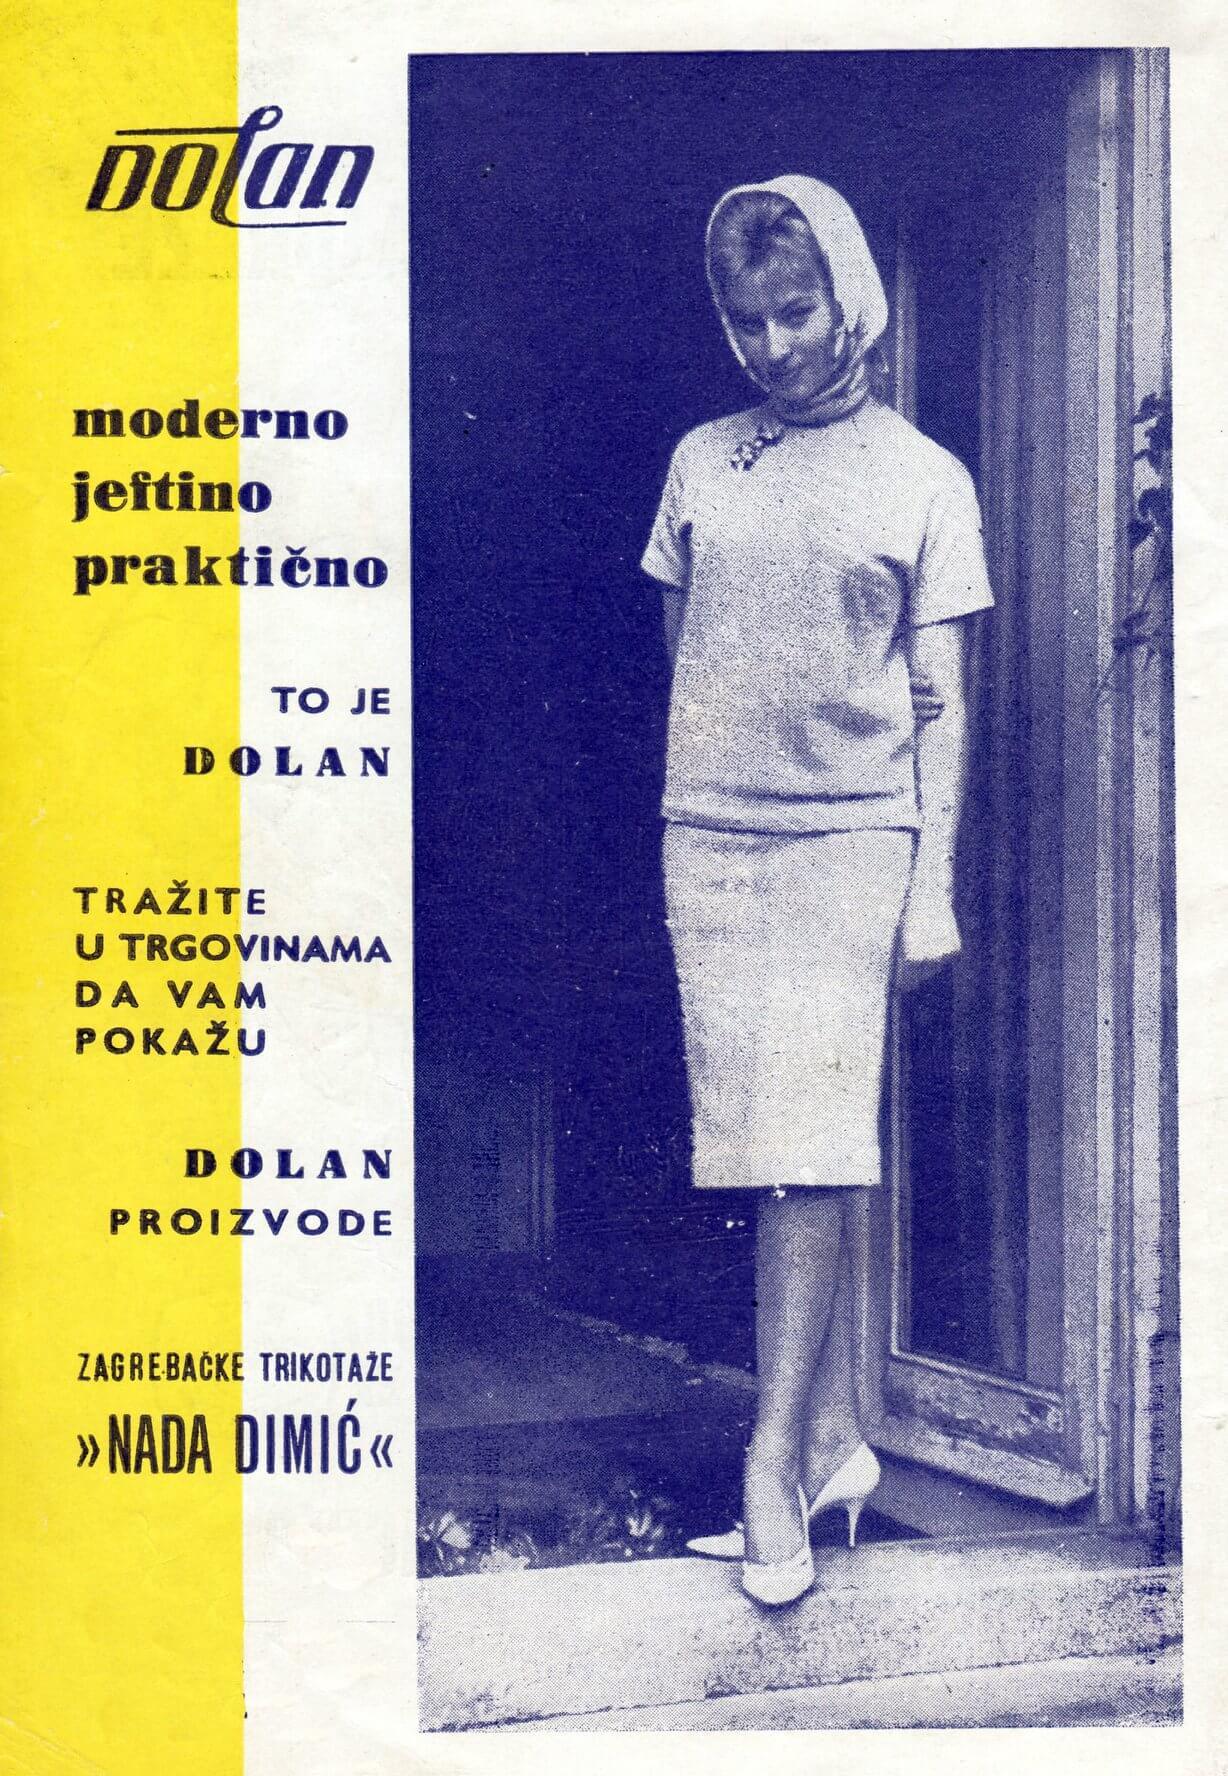 Bezvremenska moda: Sjećate li se proizvoda iz tvornice trikotaže Nada Dimić?